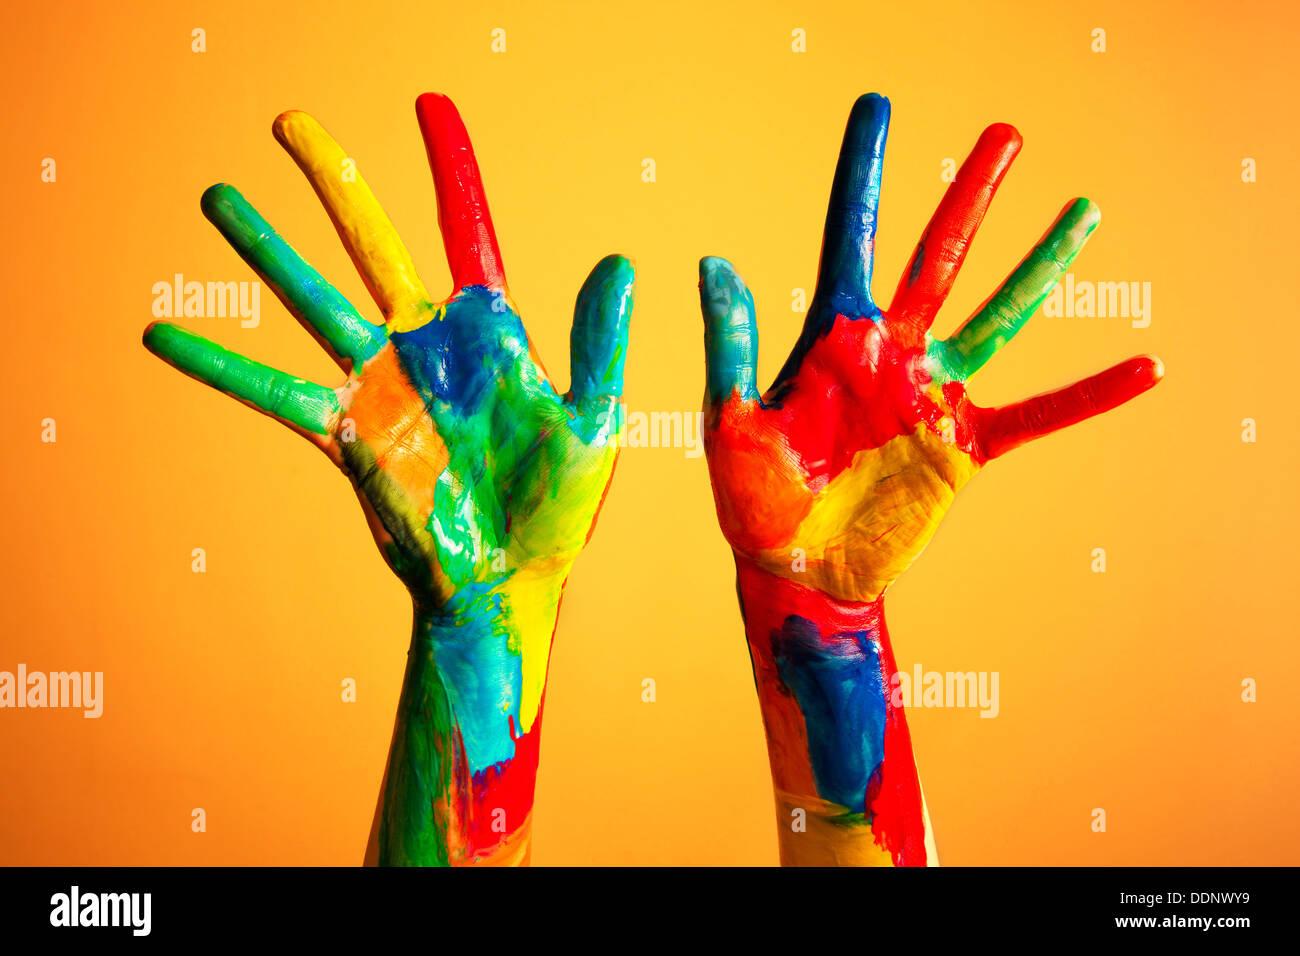 Bunt bemalte Hände - Kreativität / Künstler / künstlerisch / Ideen / Glück / Diversity Stockbild